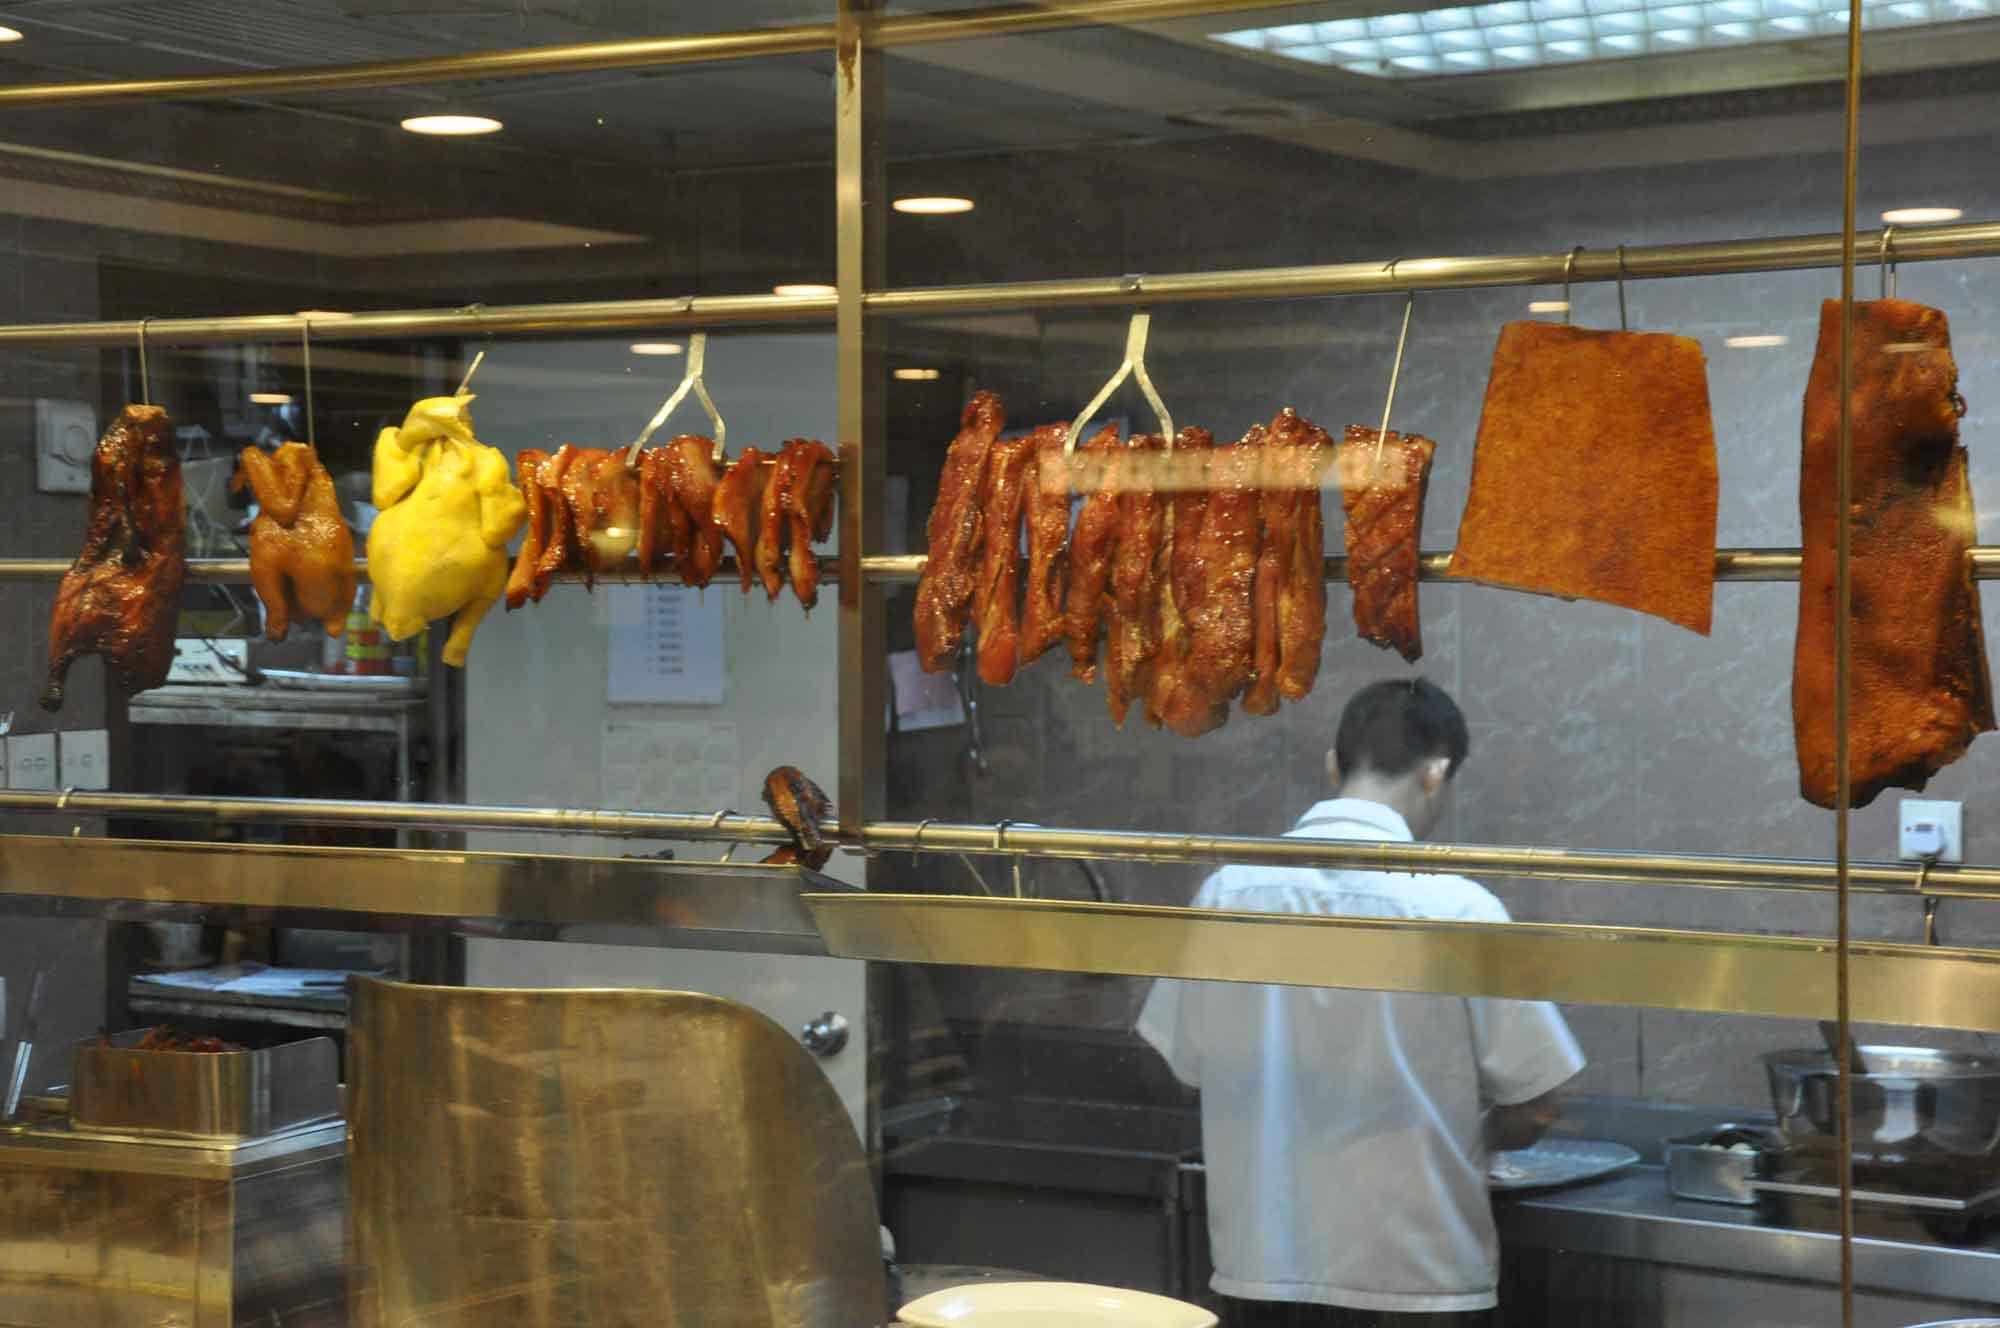 Ka Nin Wa Macau dried meats